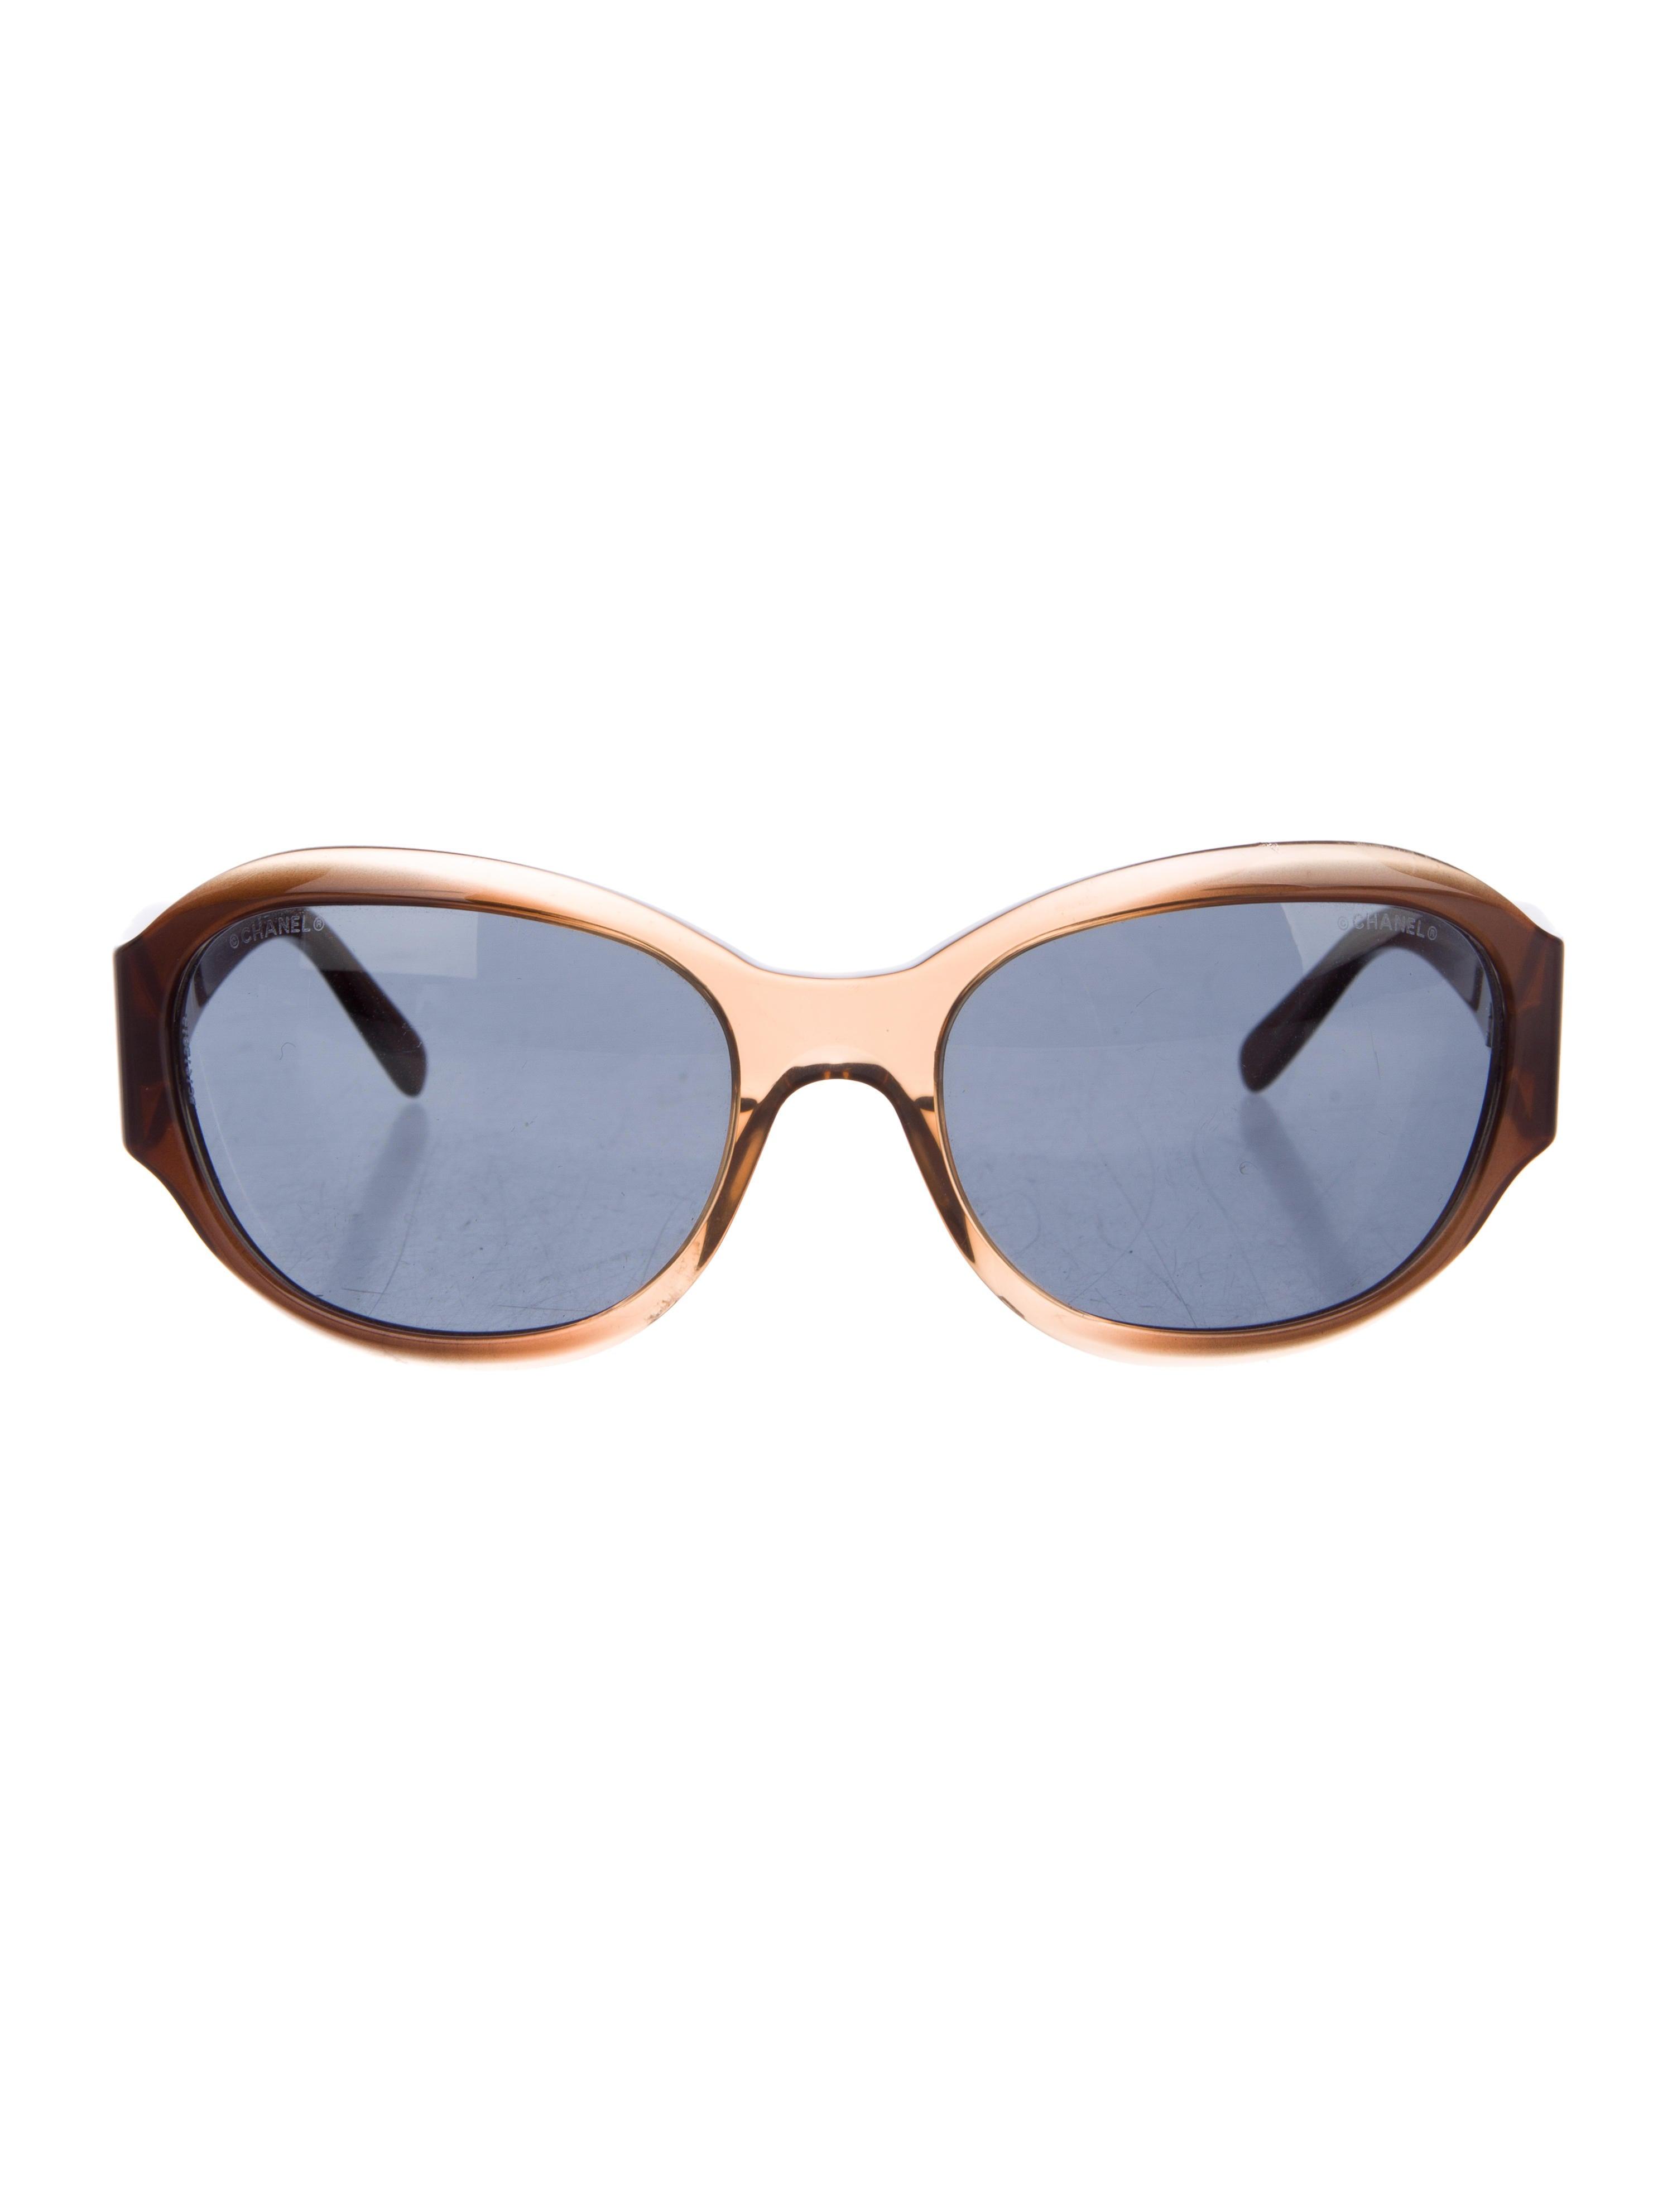 9910139ead Chanel Round CC Sunglasses - Accessories - CHA186745